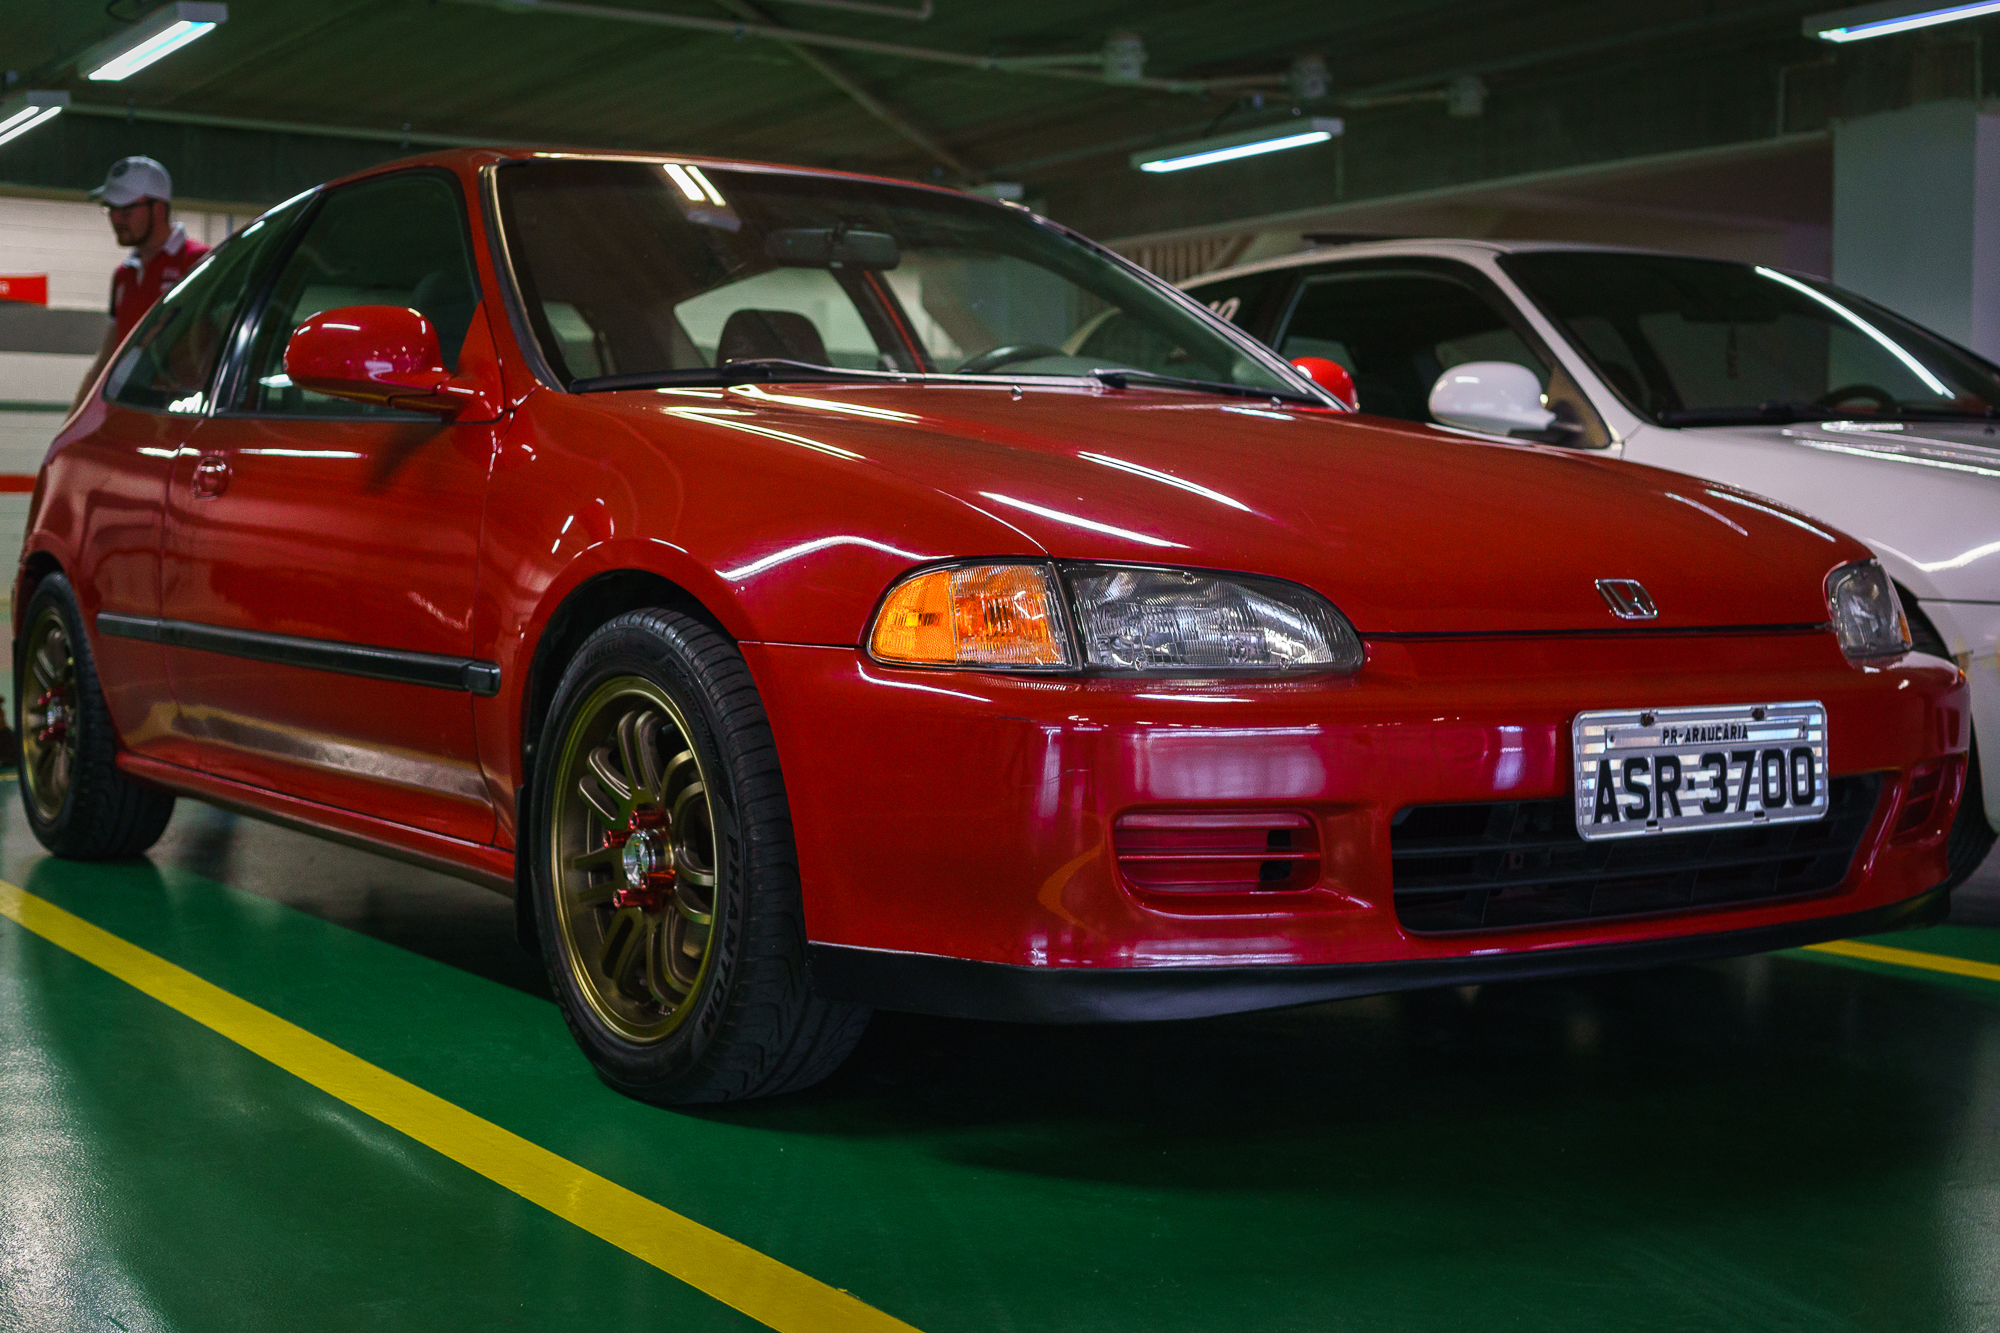 Red Honda Civic JDM Car